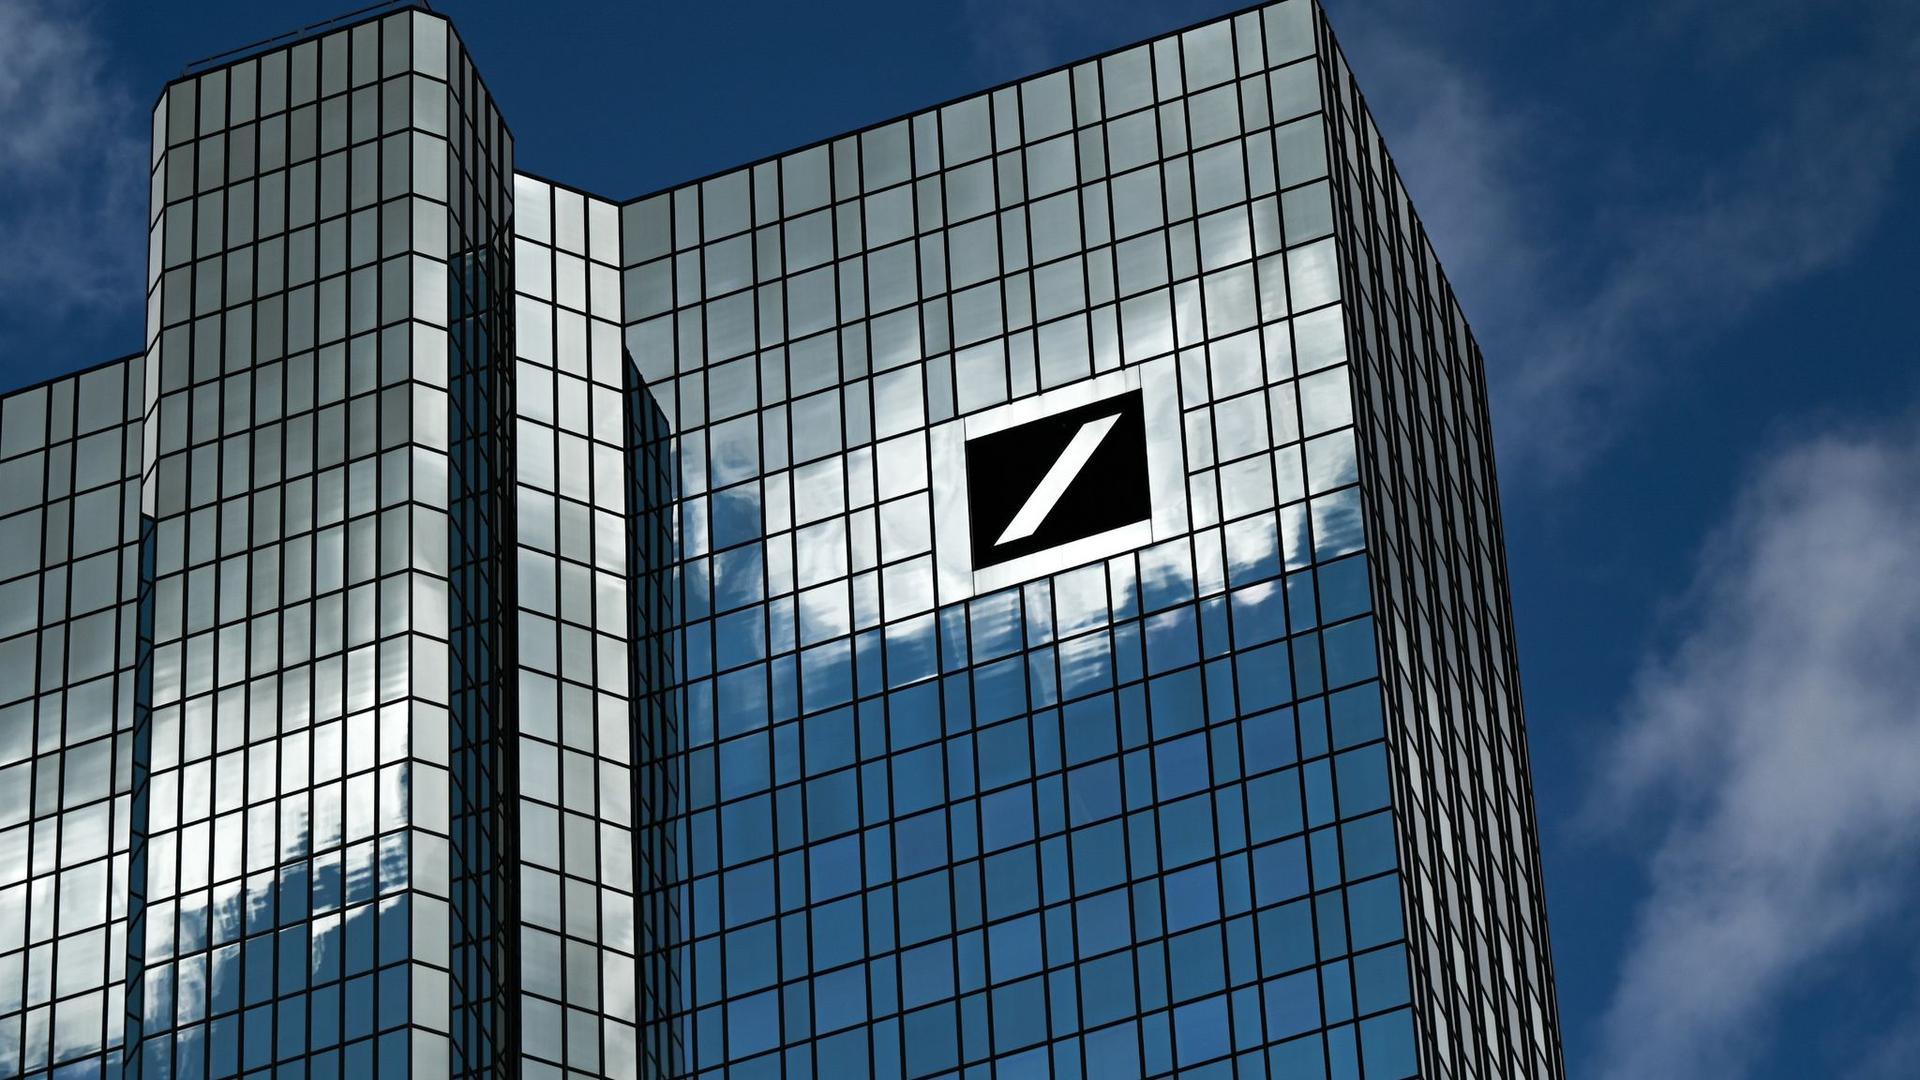 Die Zentrale der Deutschen Bank inFrankfurt am Main. Das Geldhaus distanziert sich deutlich von einer Analyse aus dem eigenem Haus.